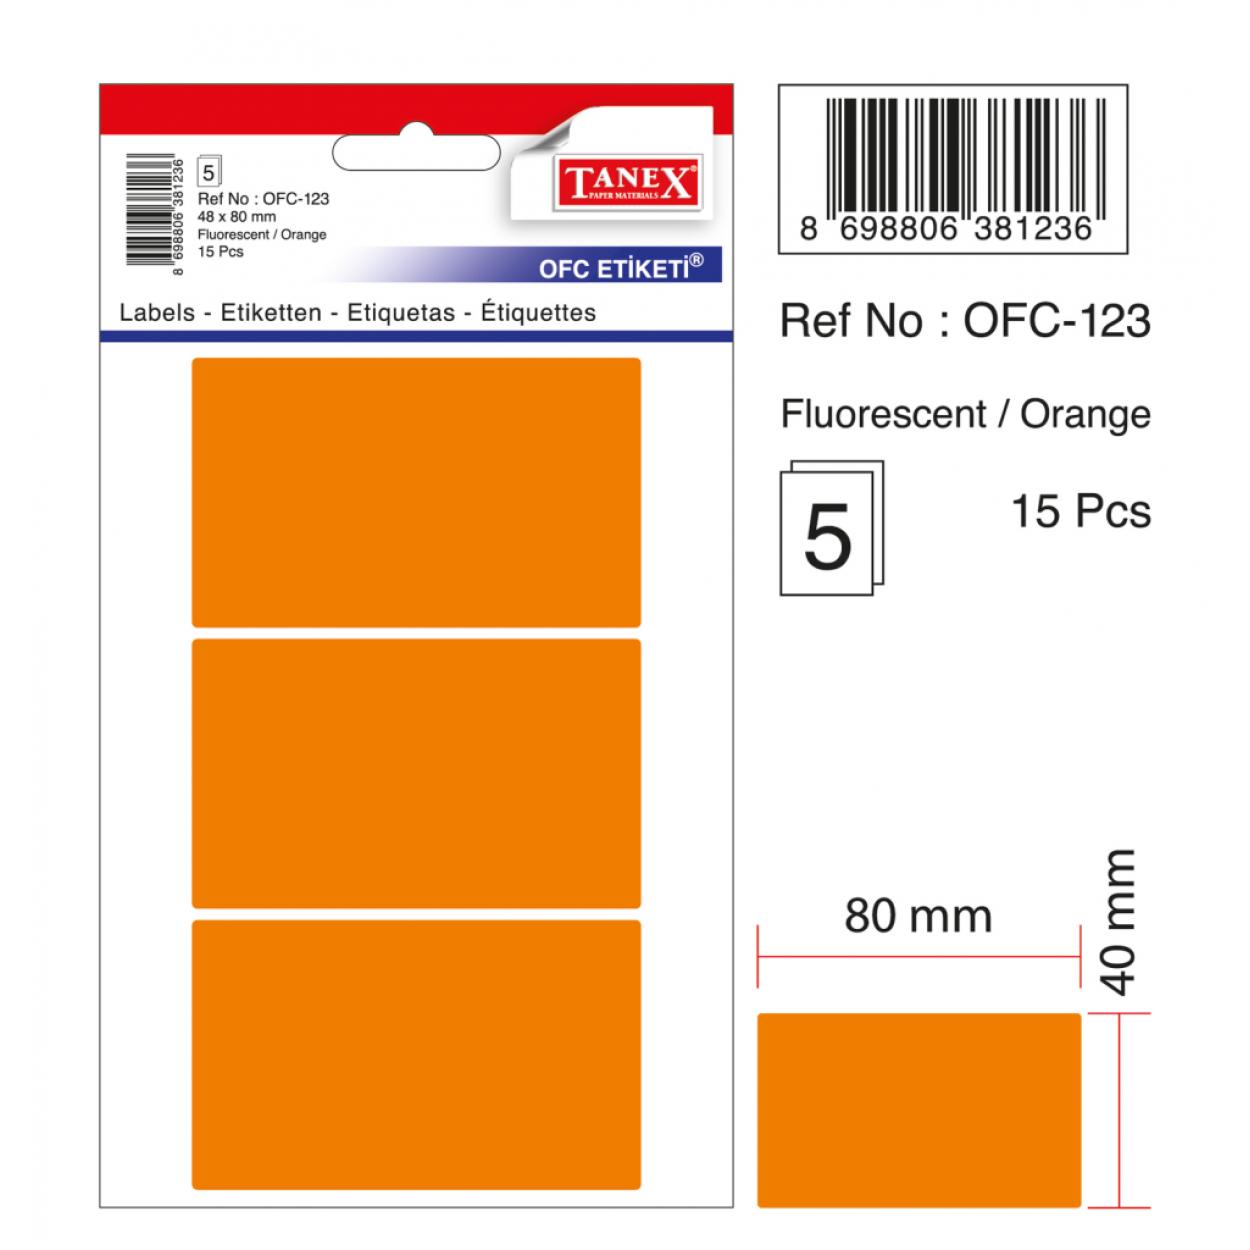 Tanex Ofc-123 Flo Turuncu Ofis Etiketi